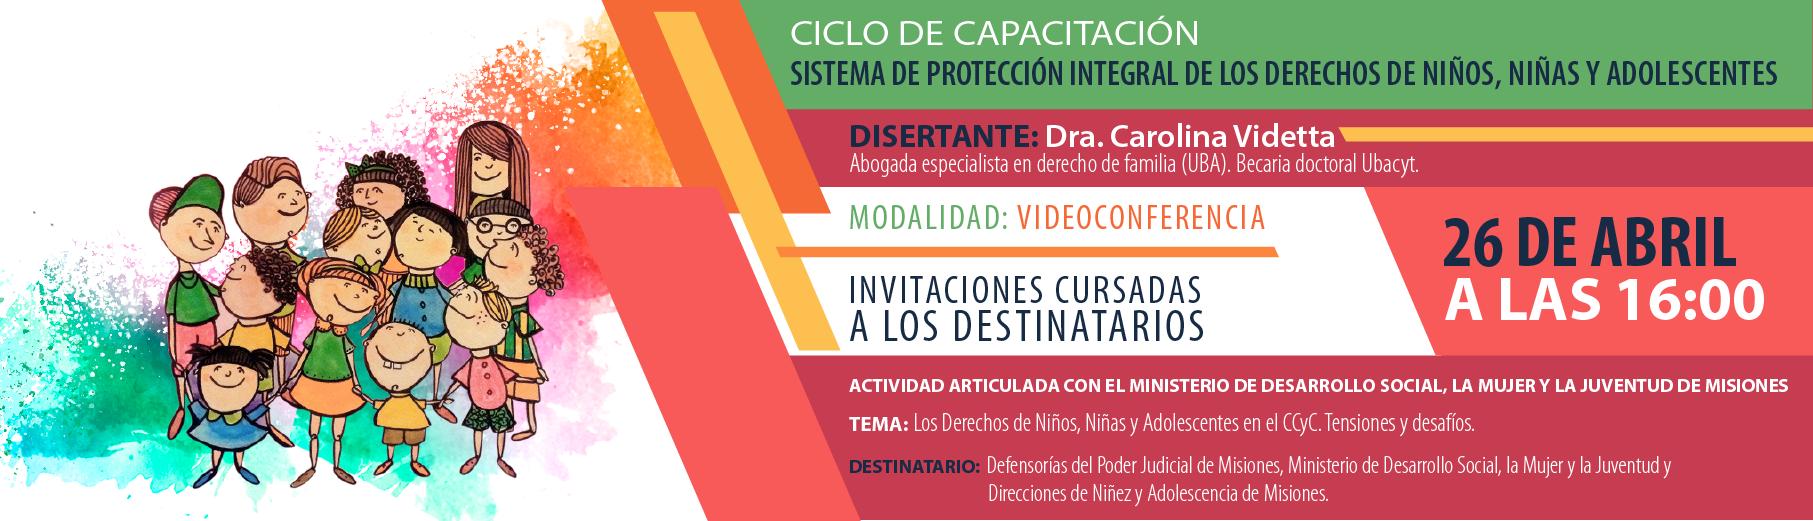 Ciclo de Capacitación: Sistema de protección integral de los Derechos de Niños, Niñas y Adolescentes